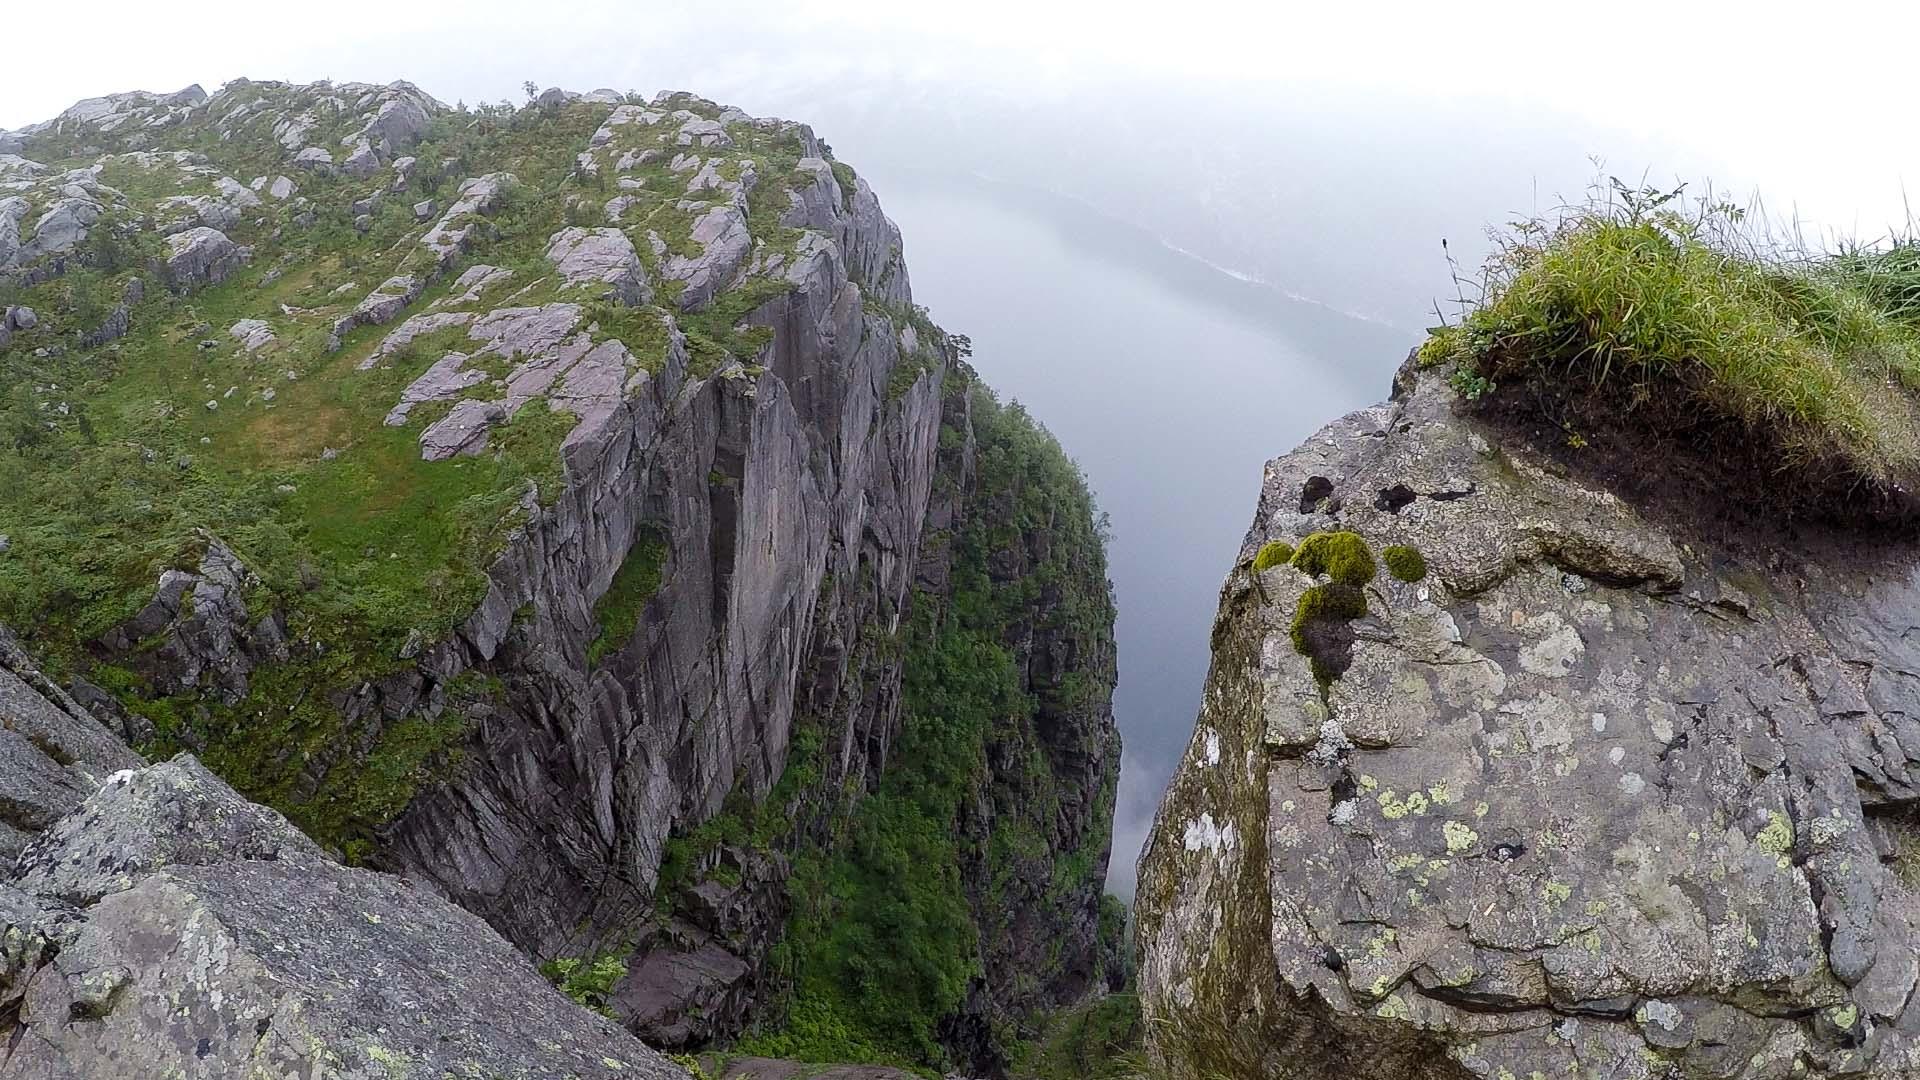 越來越接近聖壇岩,山路的一旁已經變成懸崖峭壁